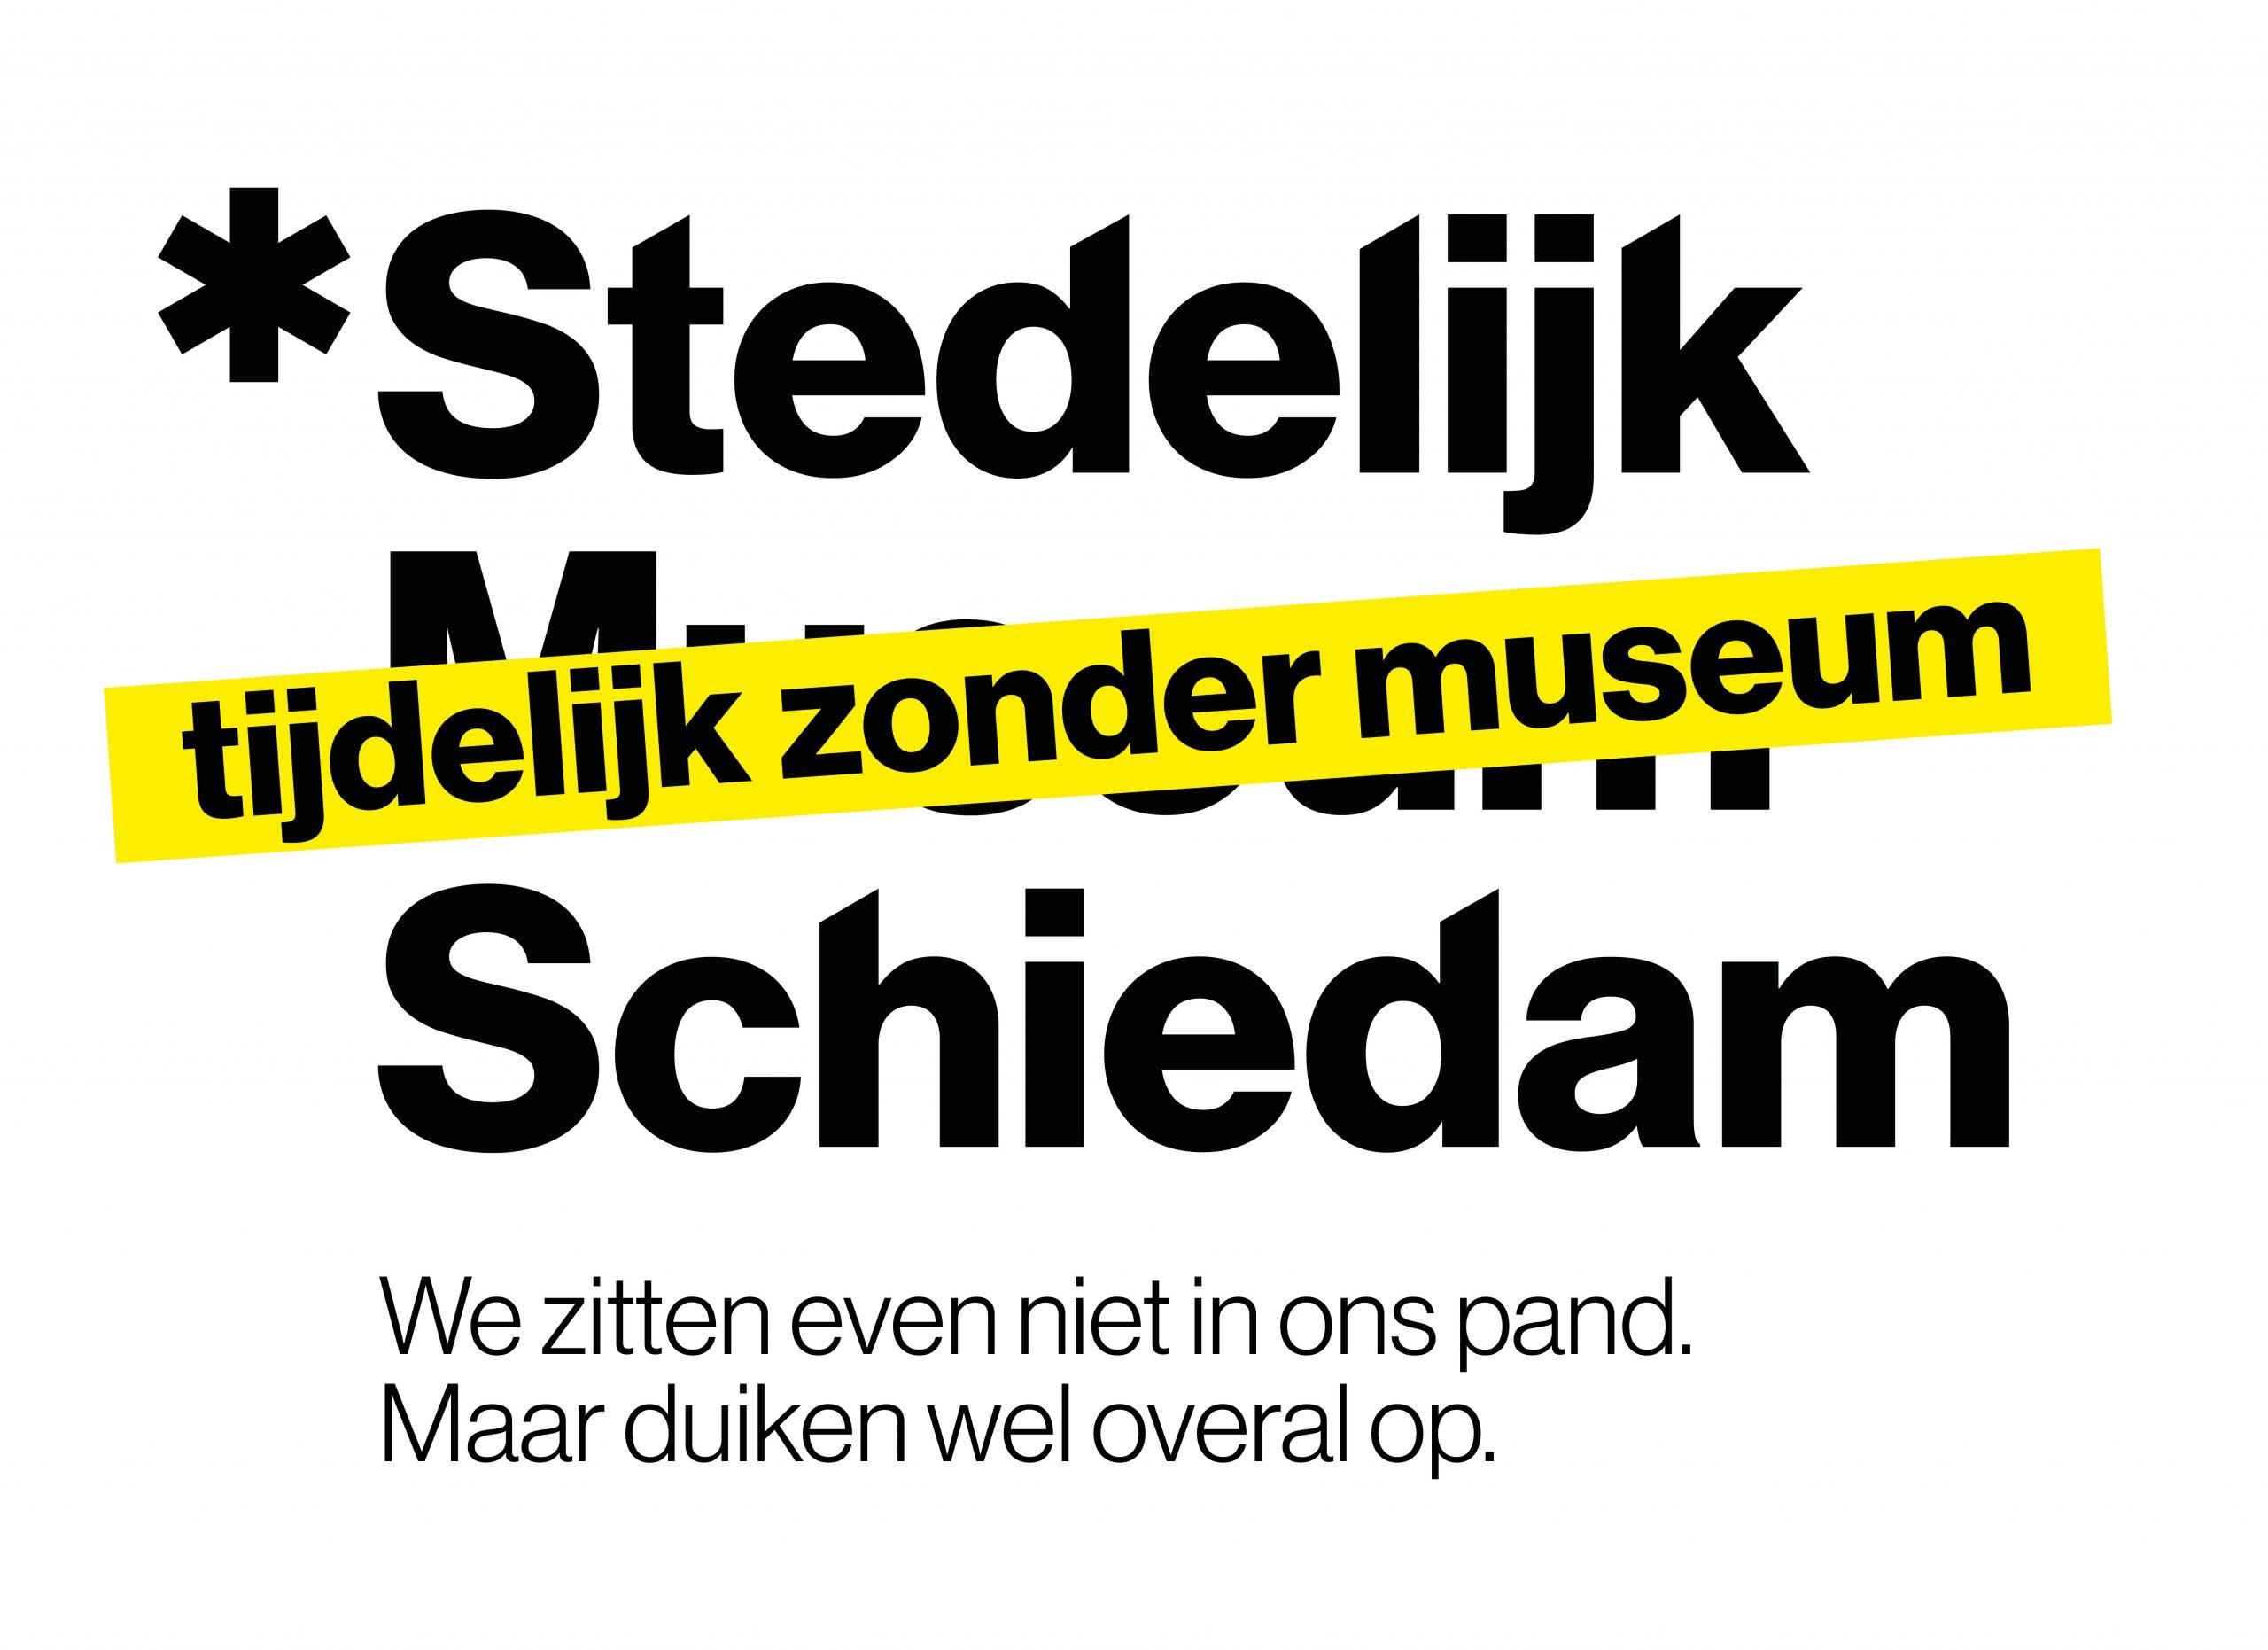 20201012_stedelijkmuseumschiedam_renovatielogo_onderregel